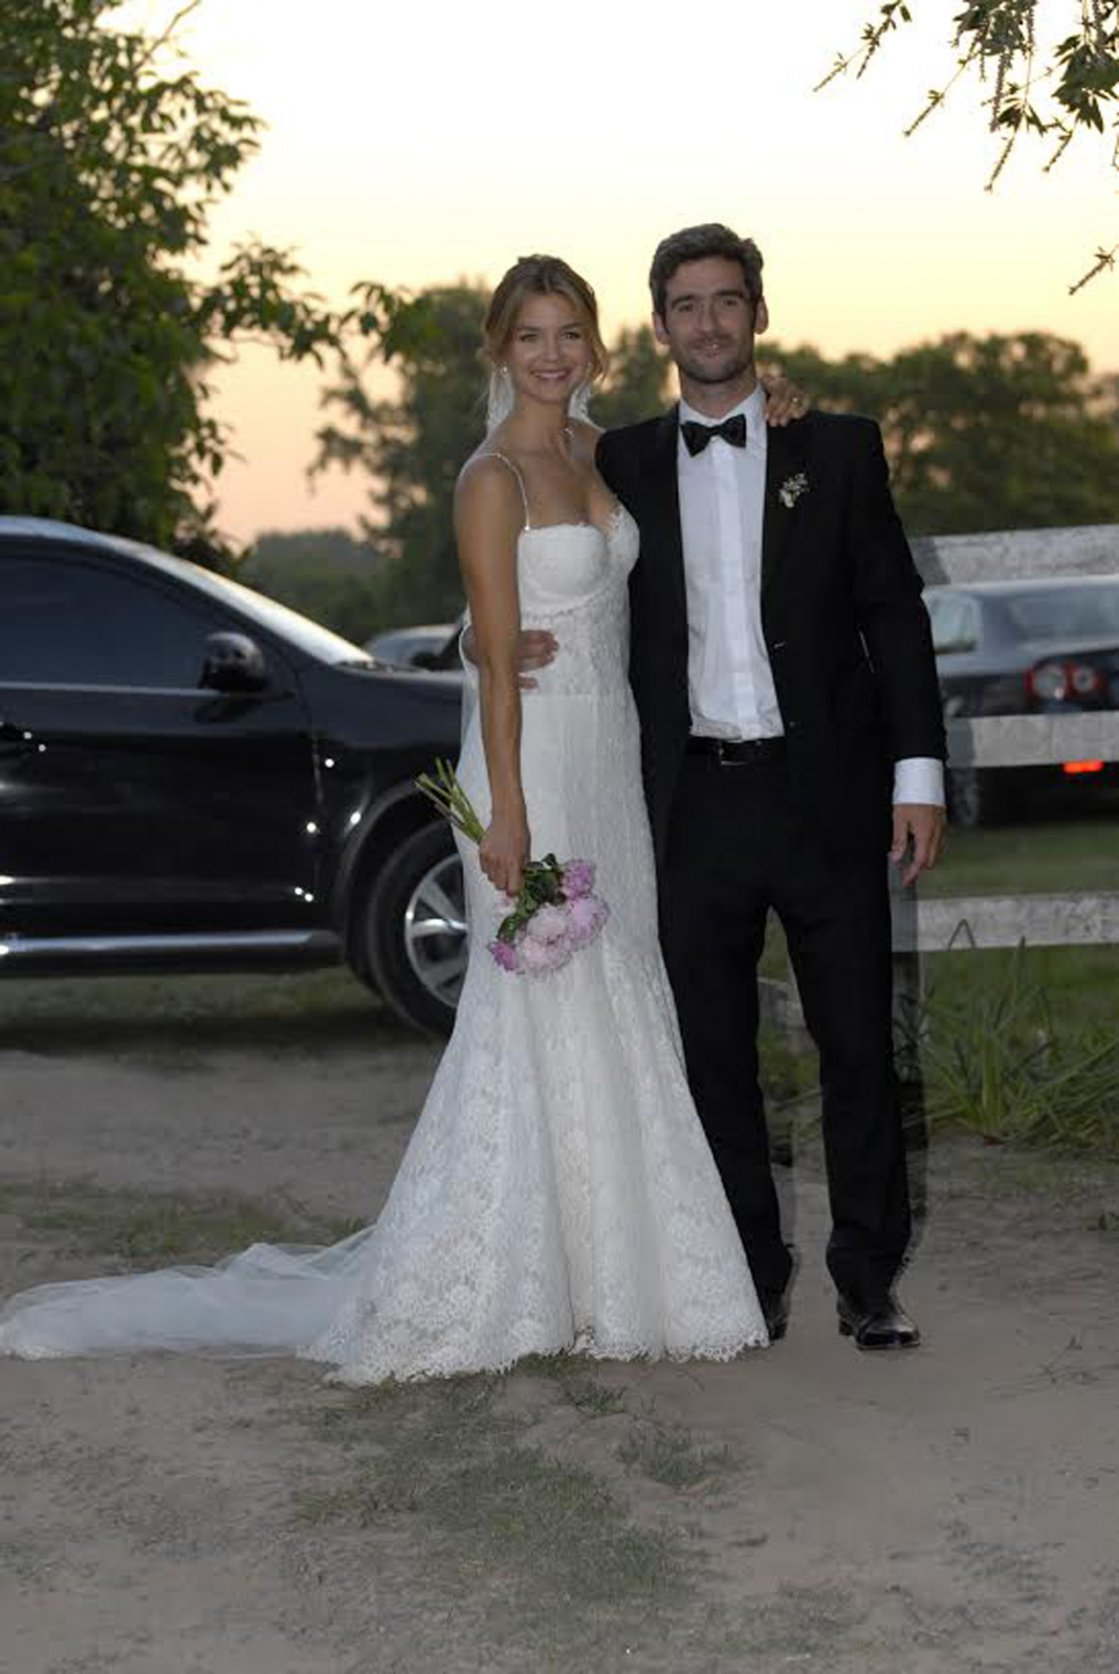 Marcela Kloosterboer yFernando Sieling, luego de haber dado el sí